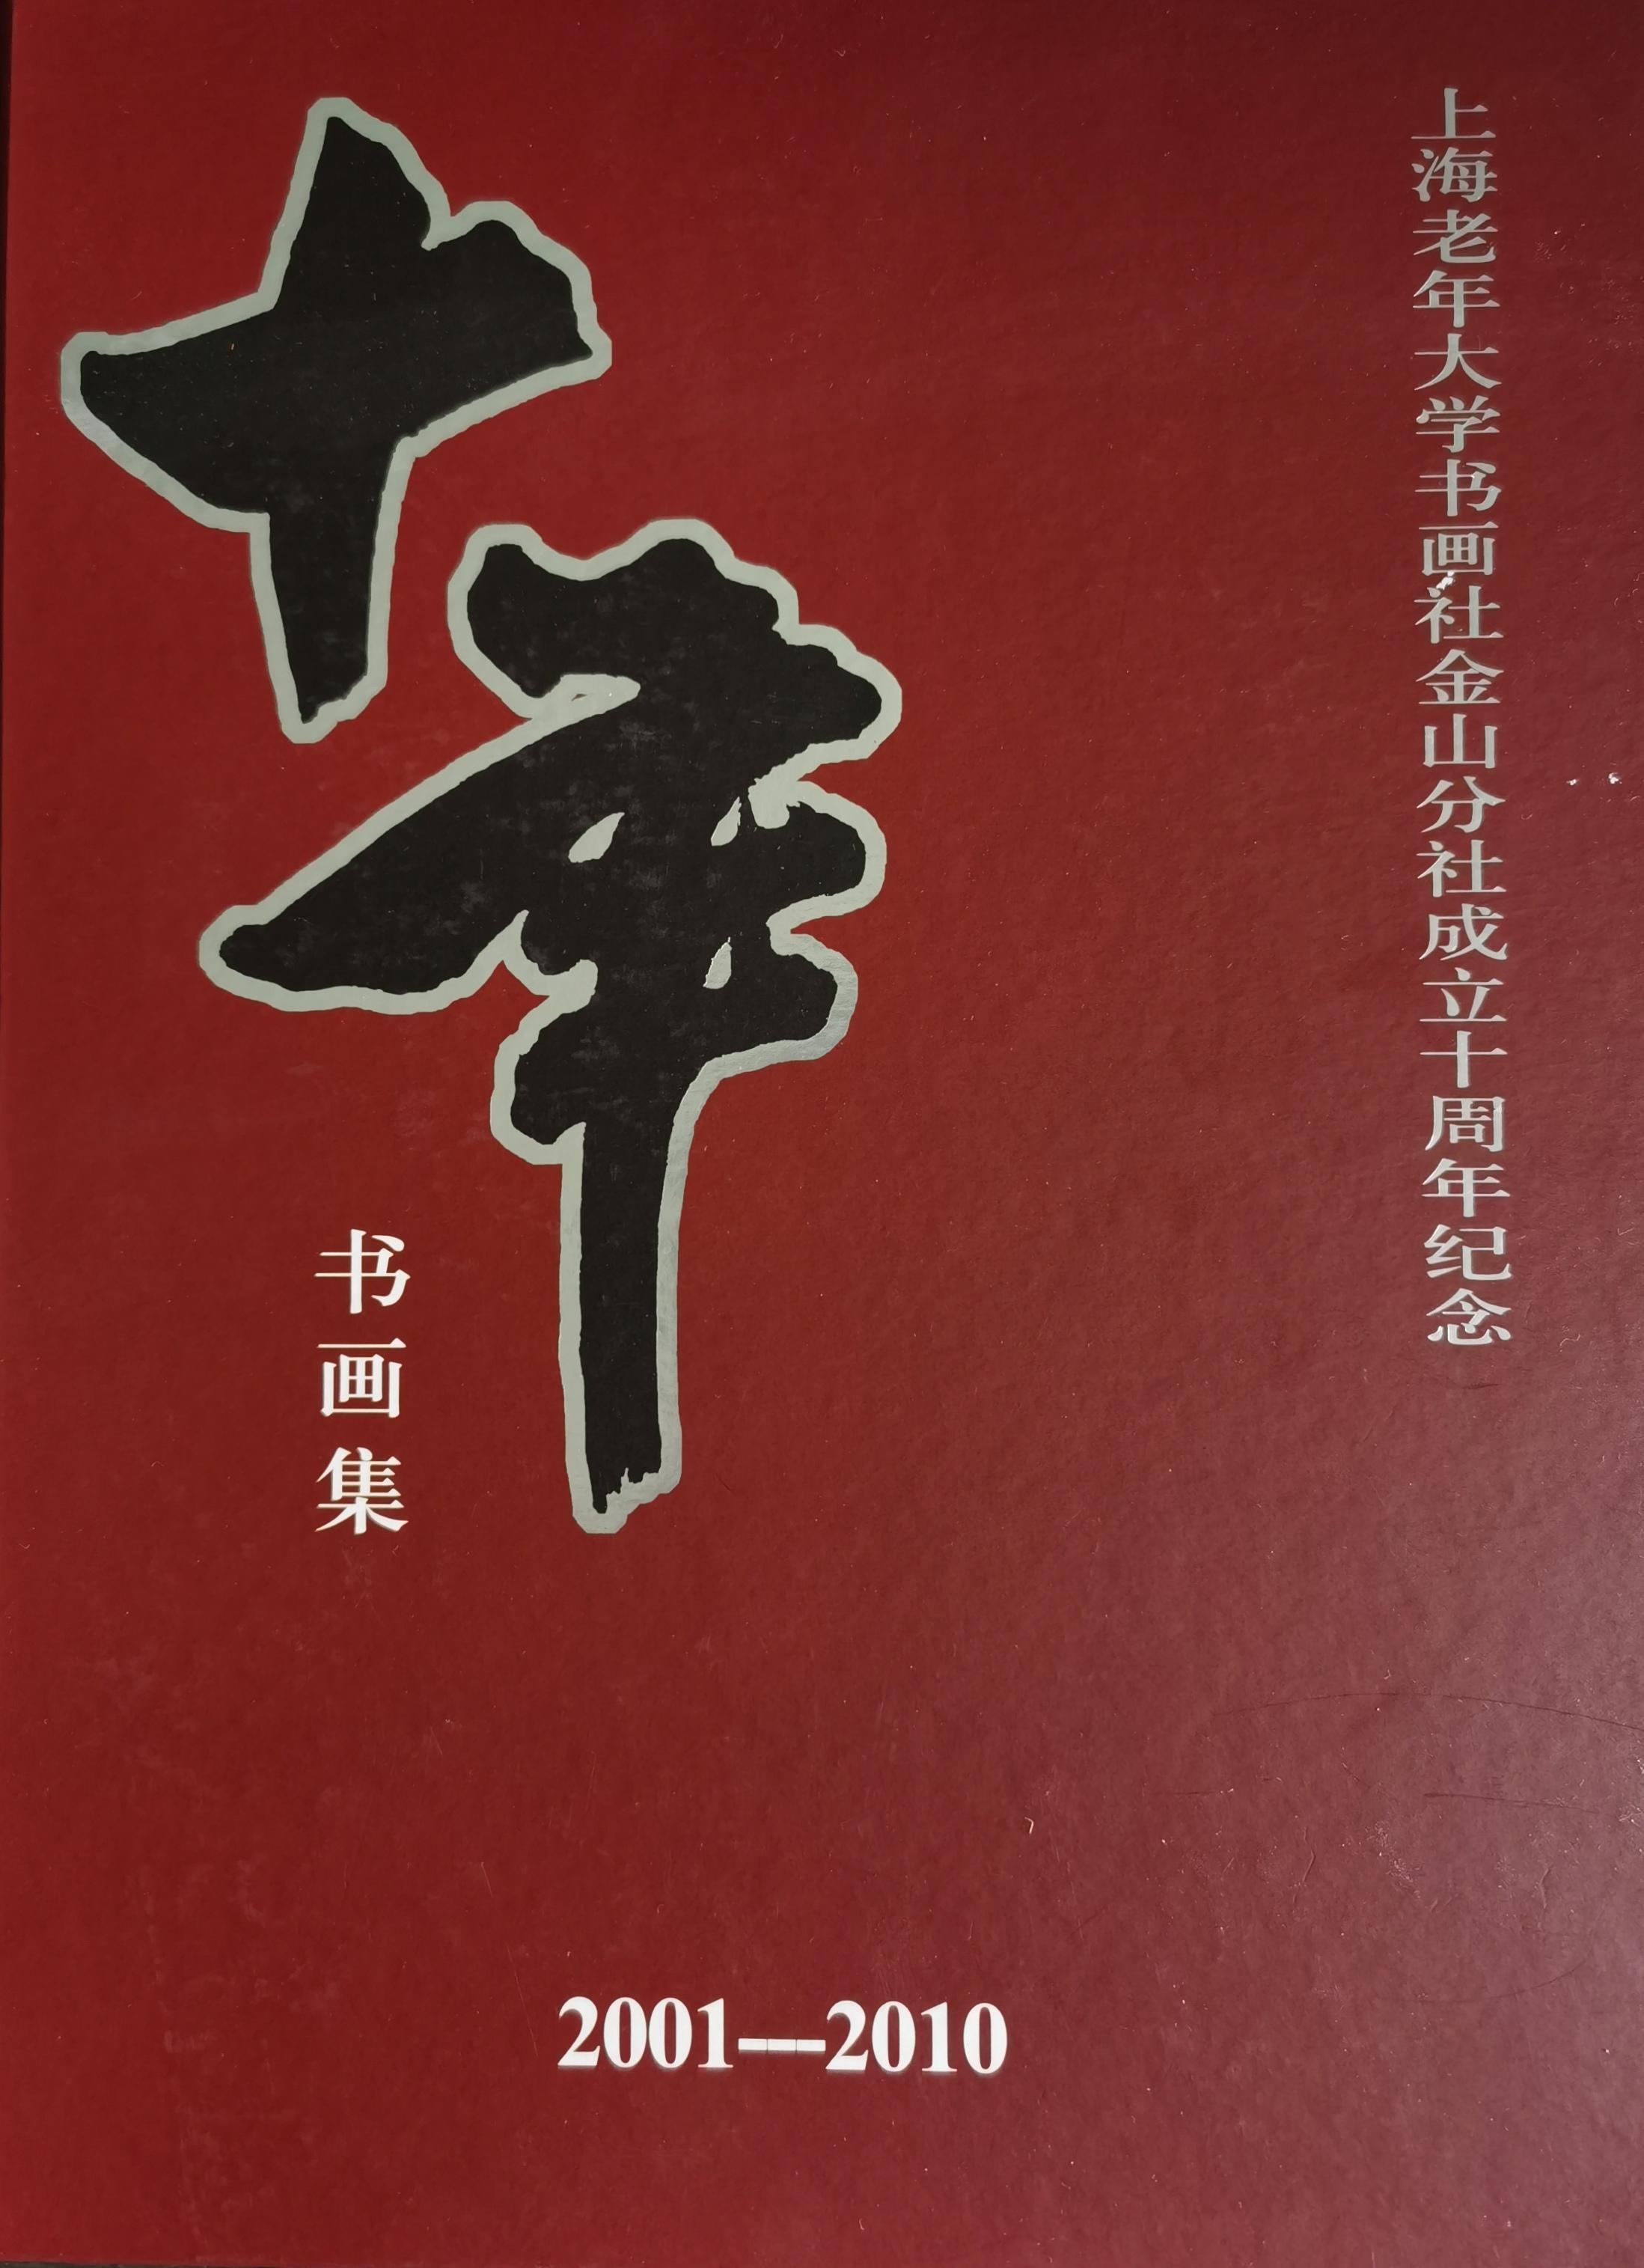 先父陈烈俊的画1.jpg